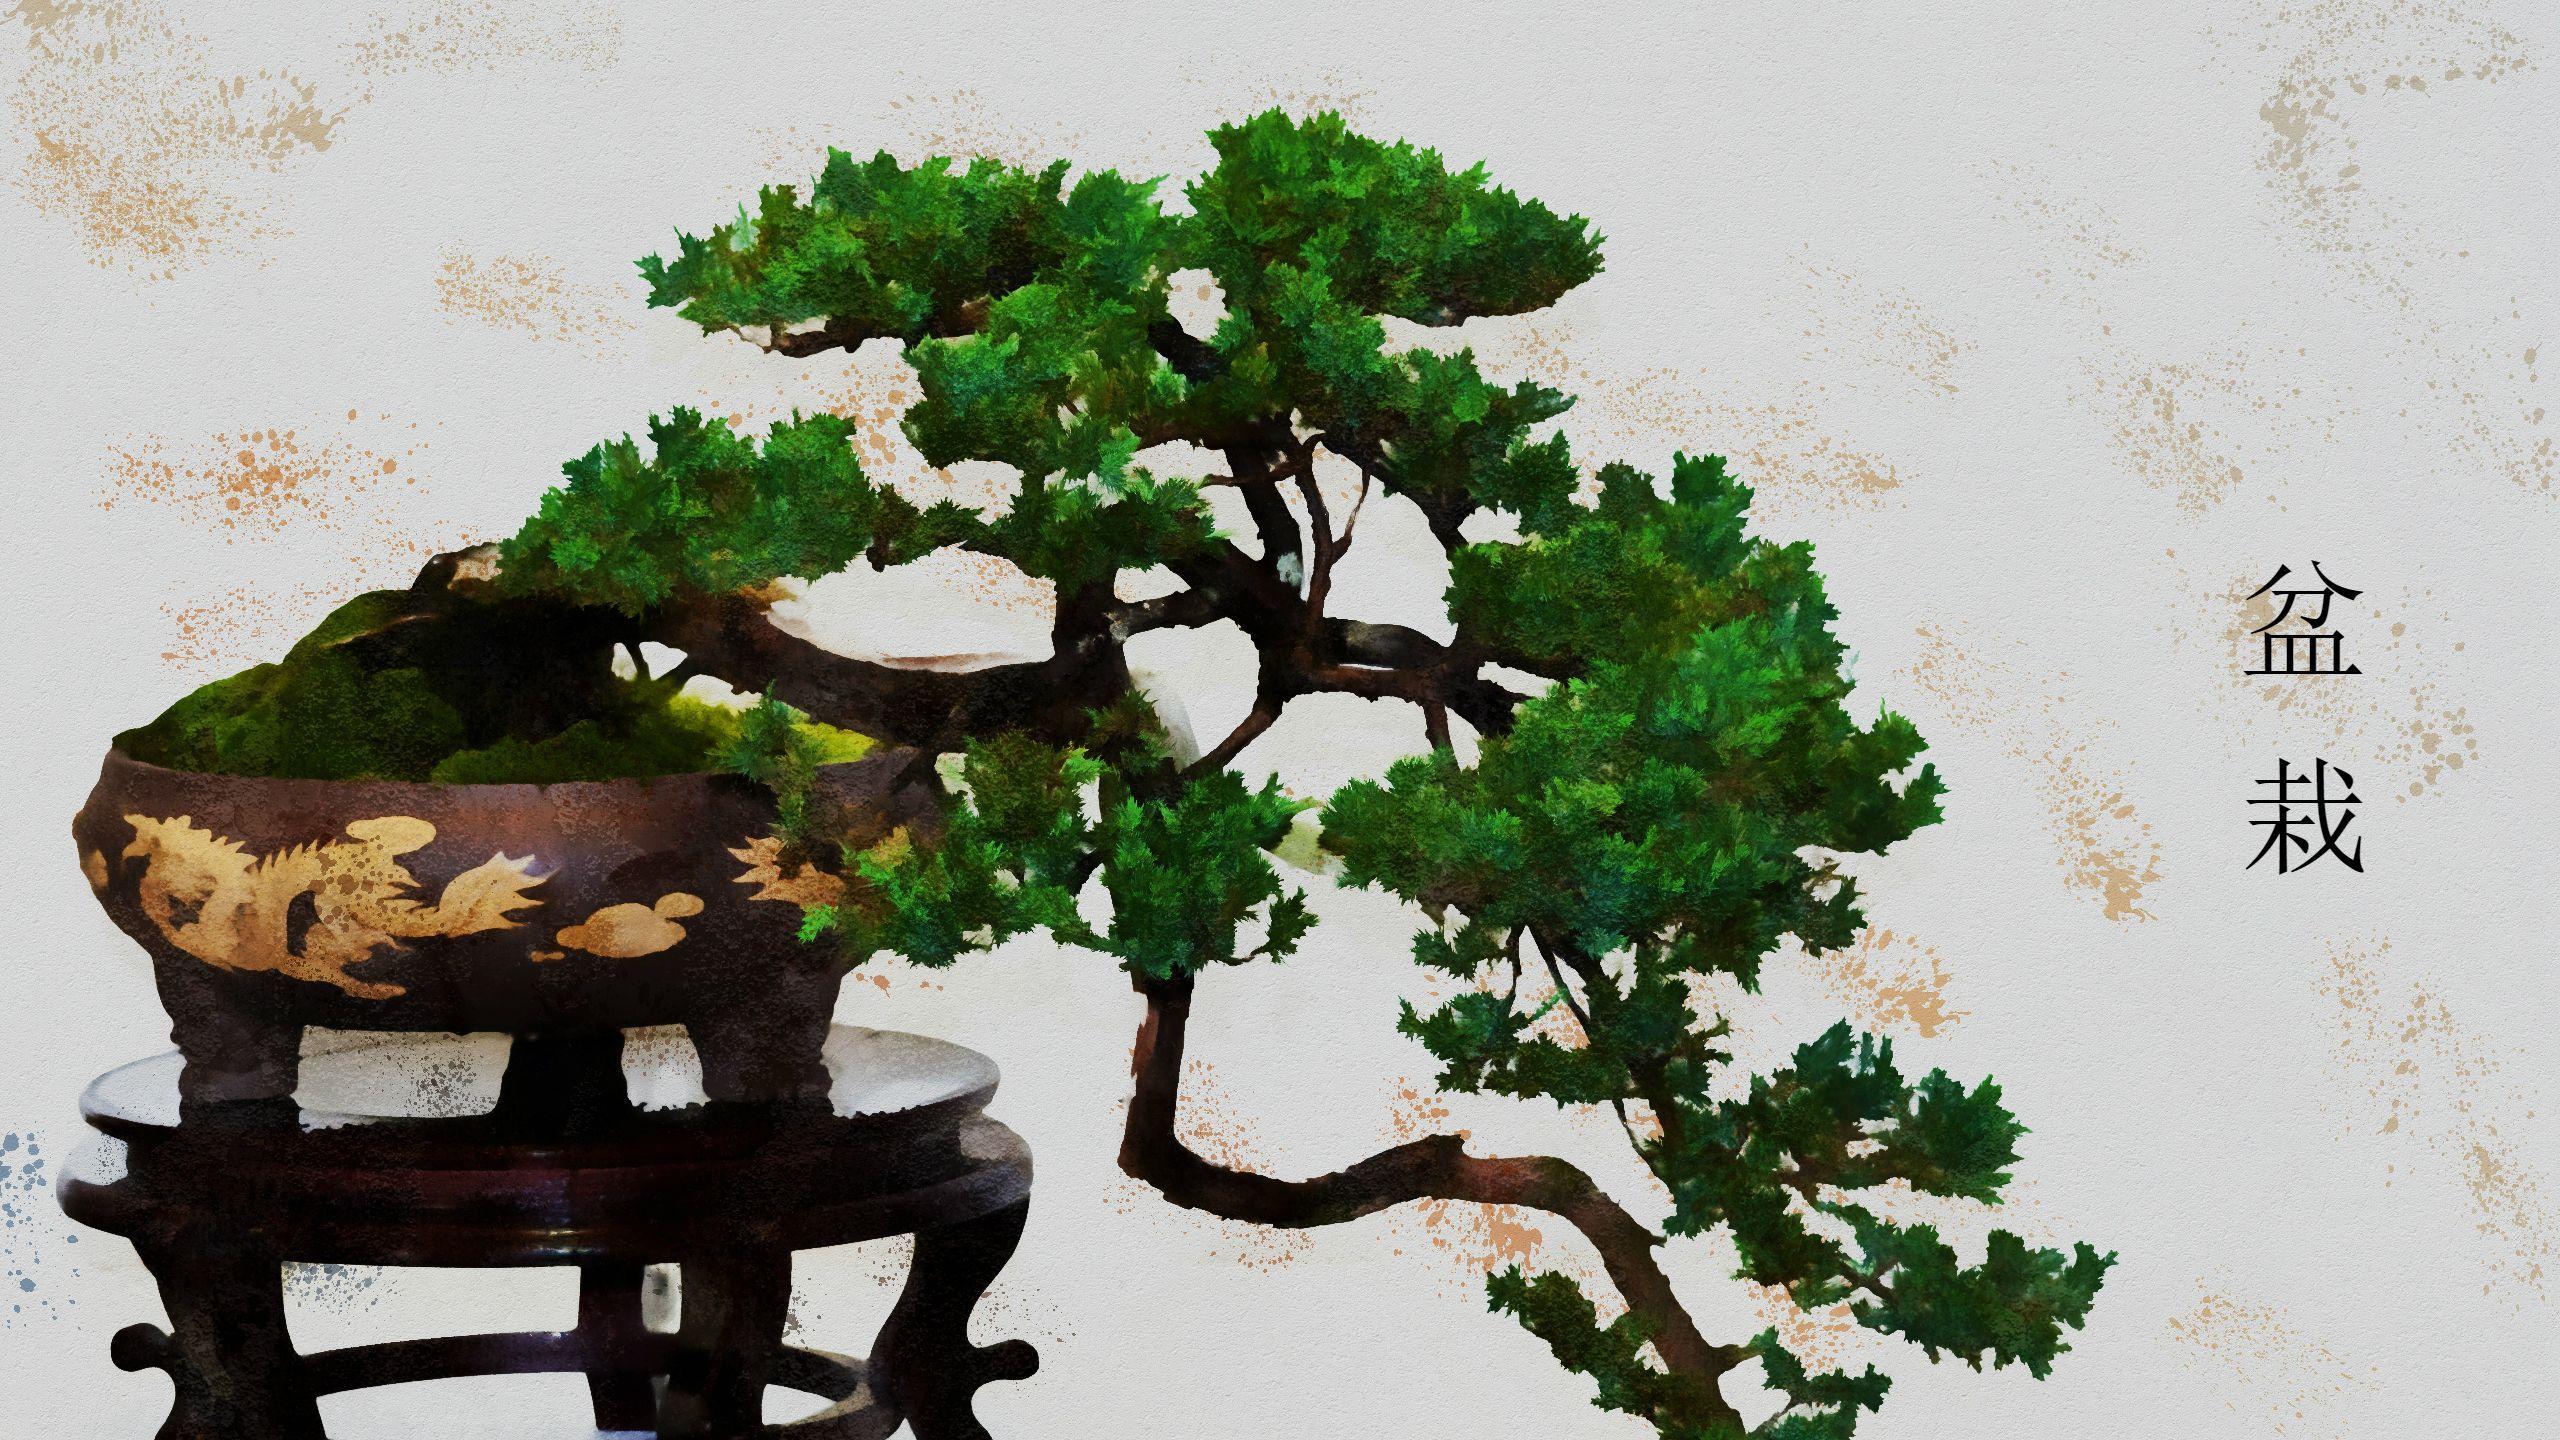 картинки бонсай на рабочий стол сорта песчаника используются